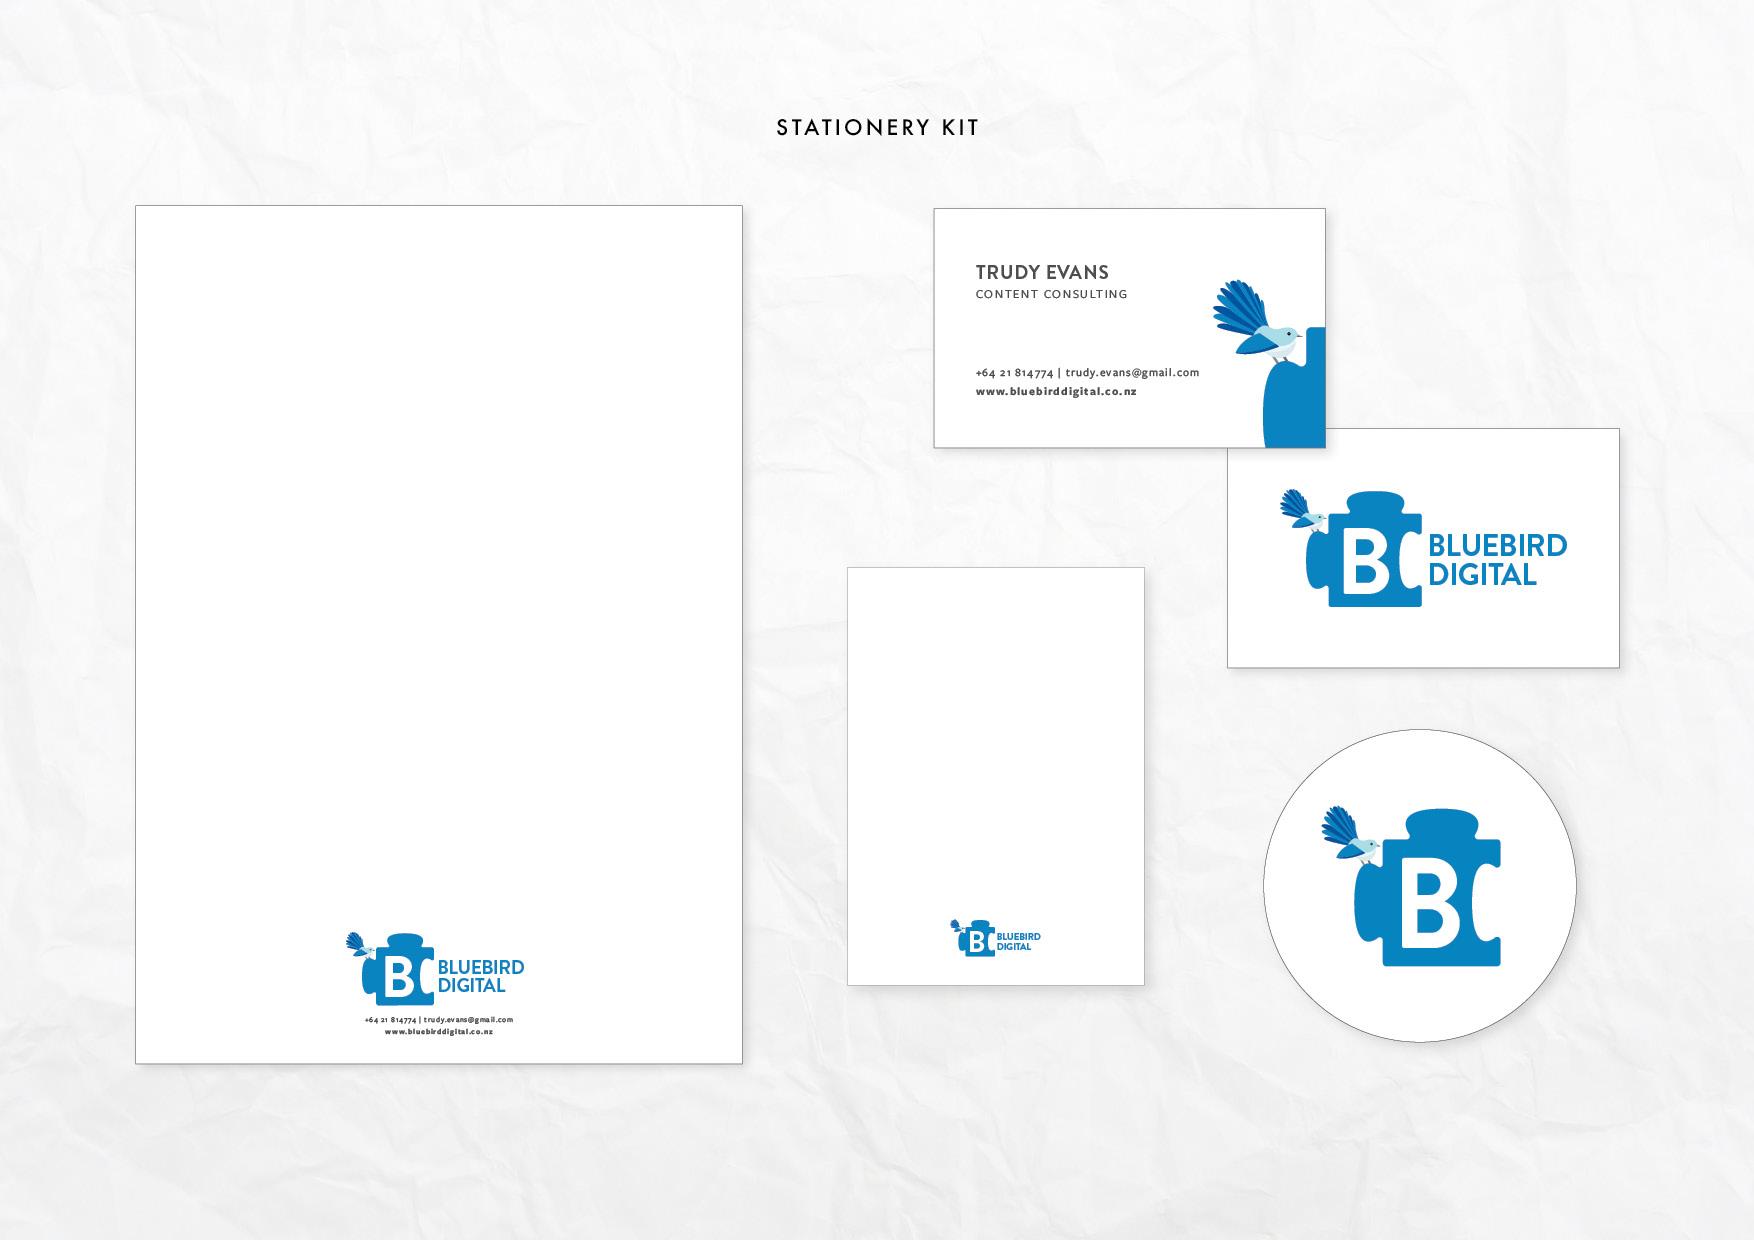 Rochelle-Vranjes-Bluebird-Digital-Branding-Guidelines3.jpg